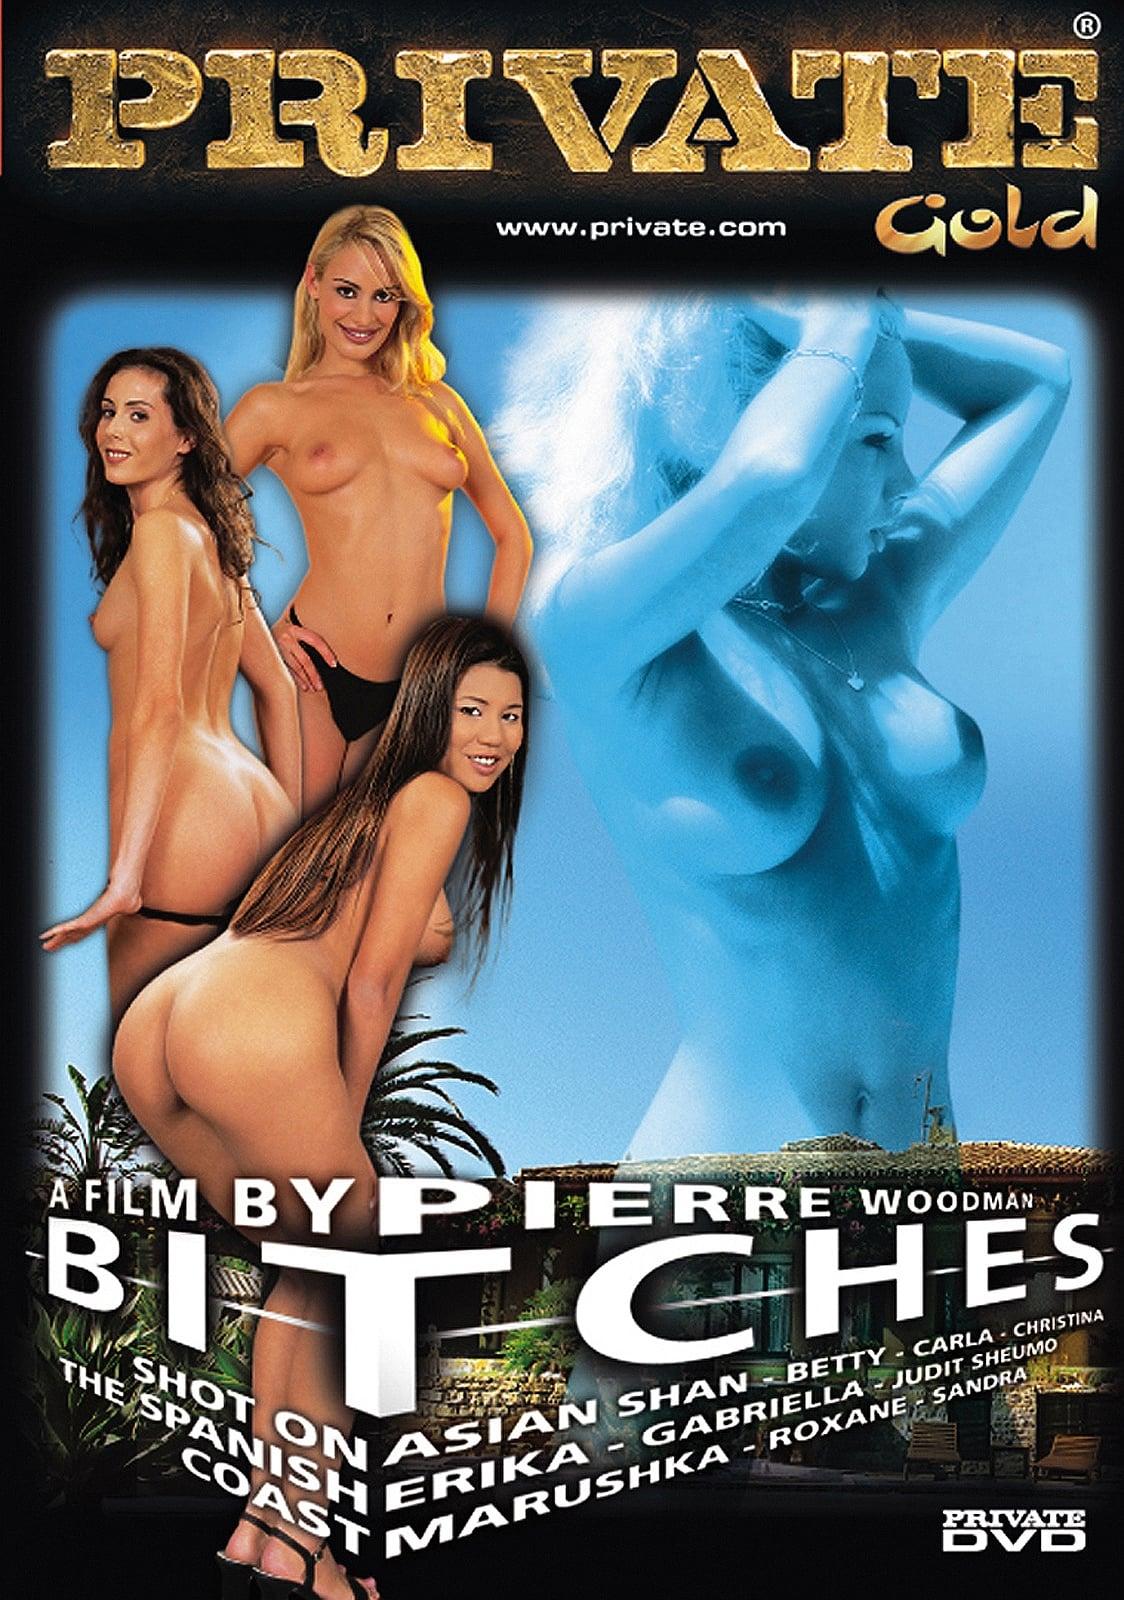 Смотреть фильм порно гладиатор 2